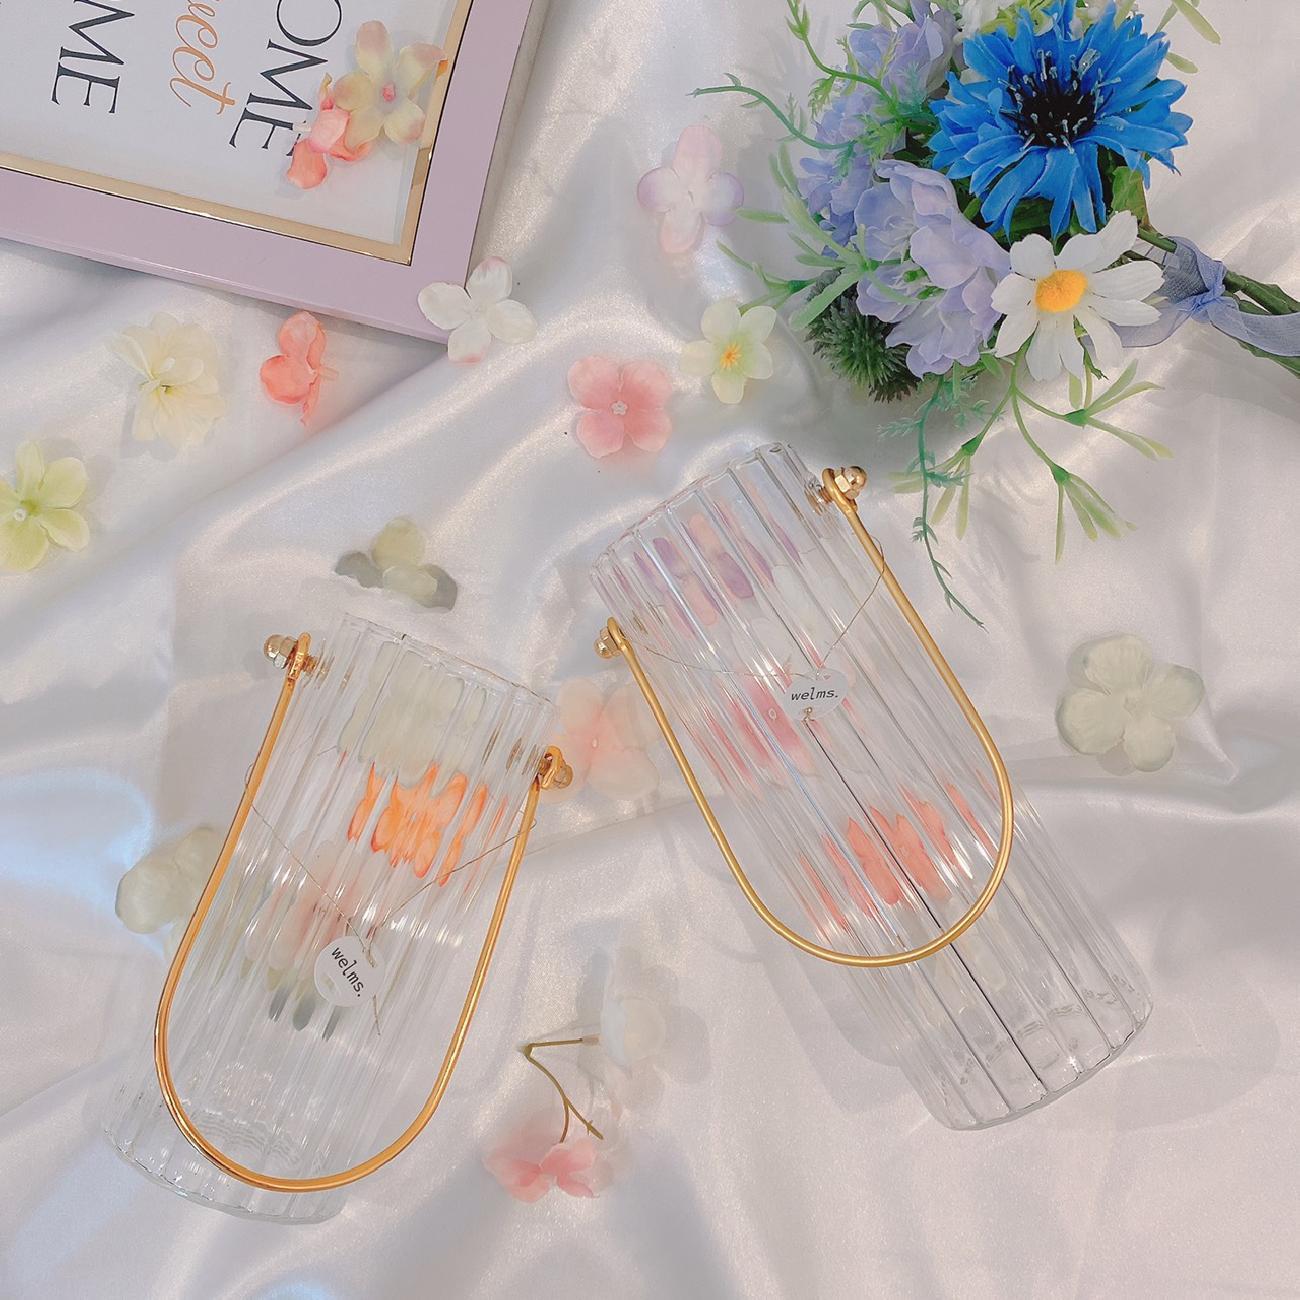 フラワーベース/花瓶/ガラス/お花のある暮らし/インテリア/おうちを楽しむ